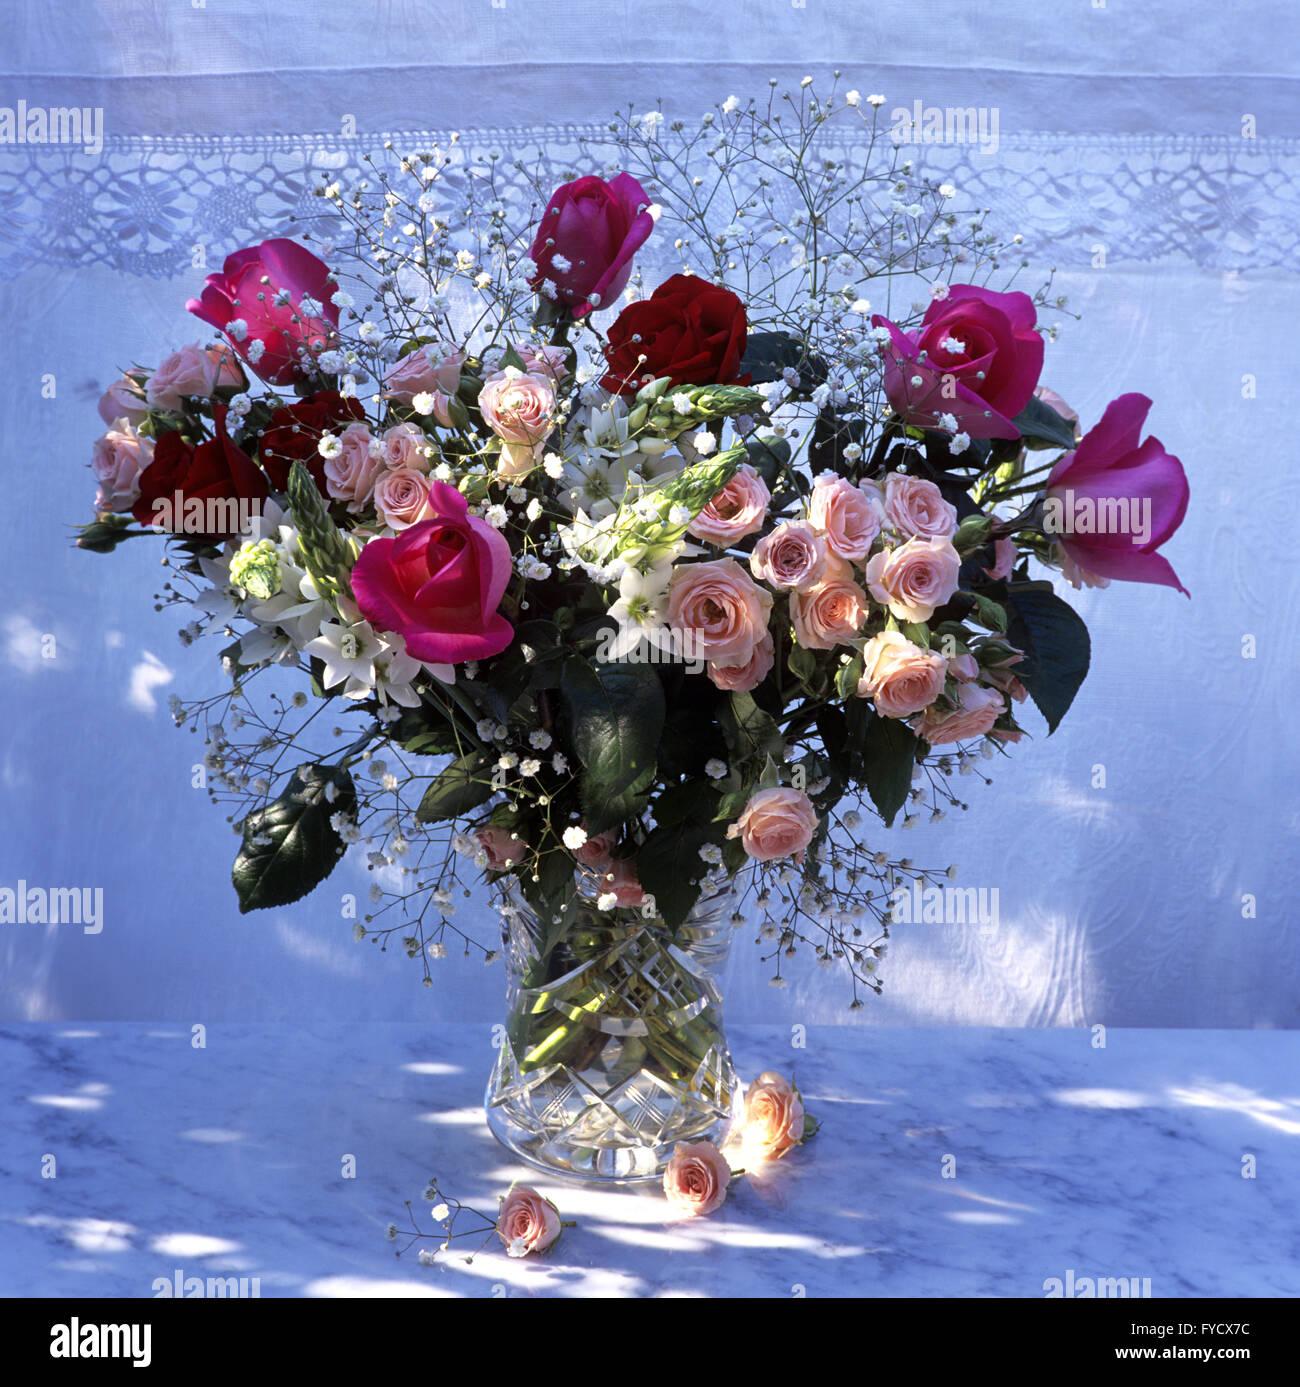 Varieties Of Pink Roses Stock Photos Varieties Of Pink Roses Stock